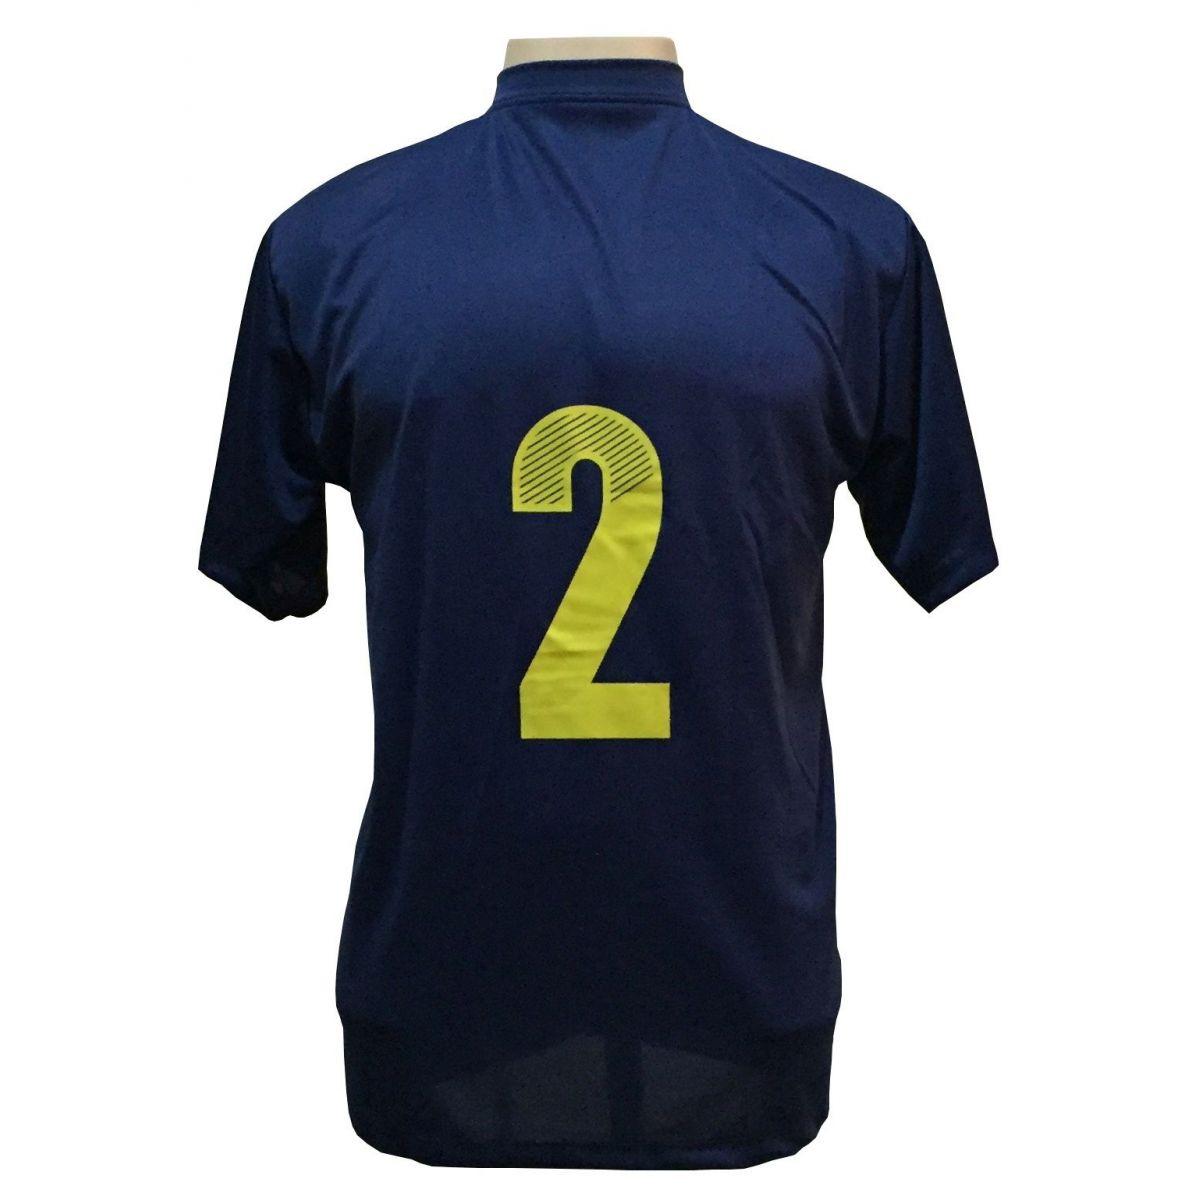 Jogo de Camisa com 14 unidades modelo Boca Juniors Marinho/Amarelo + Brindes